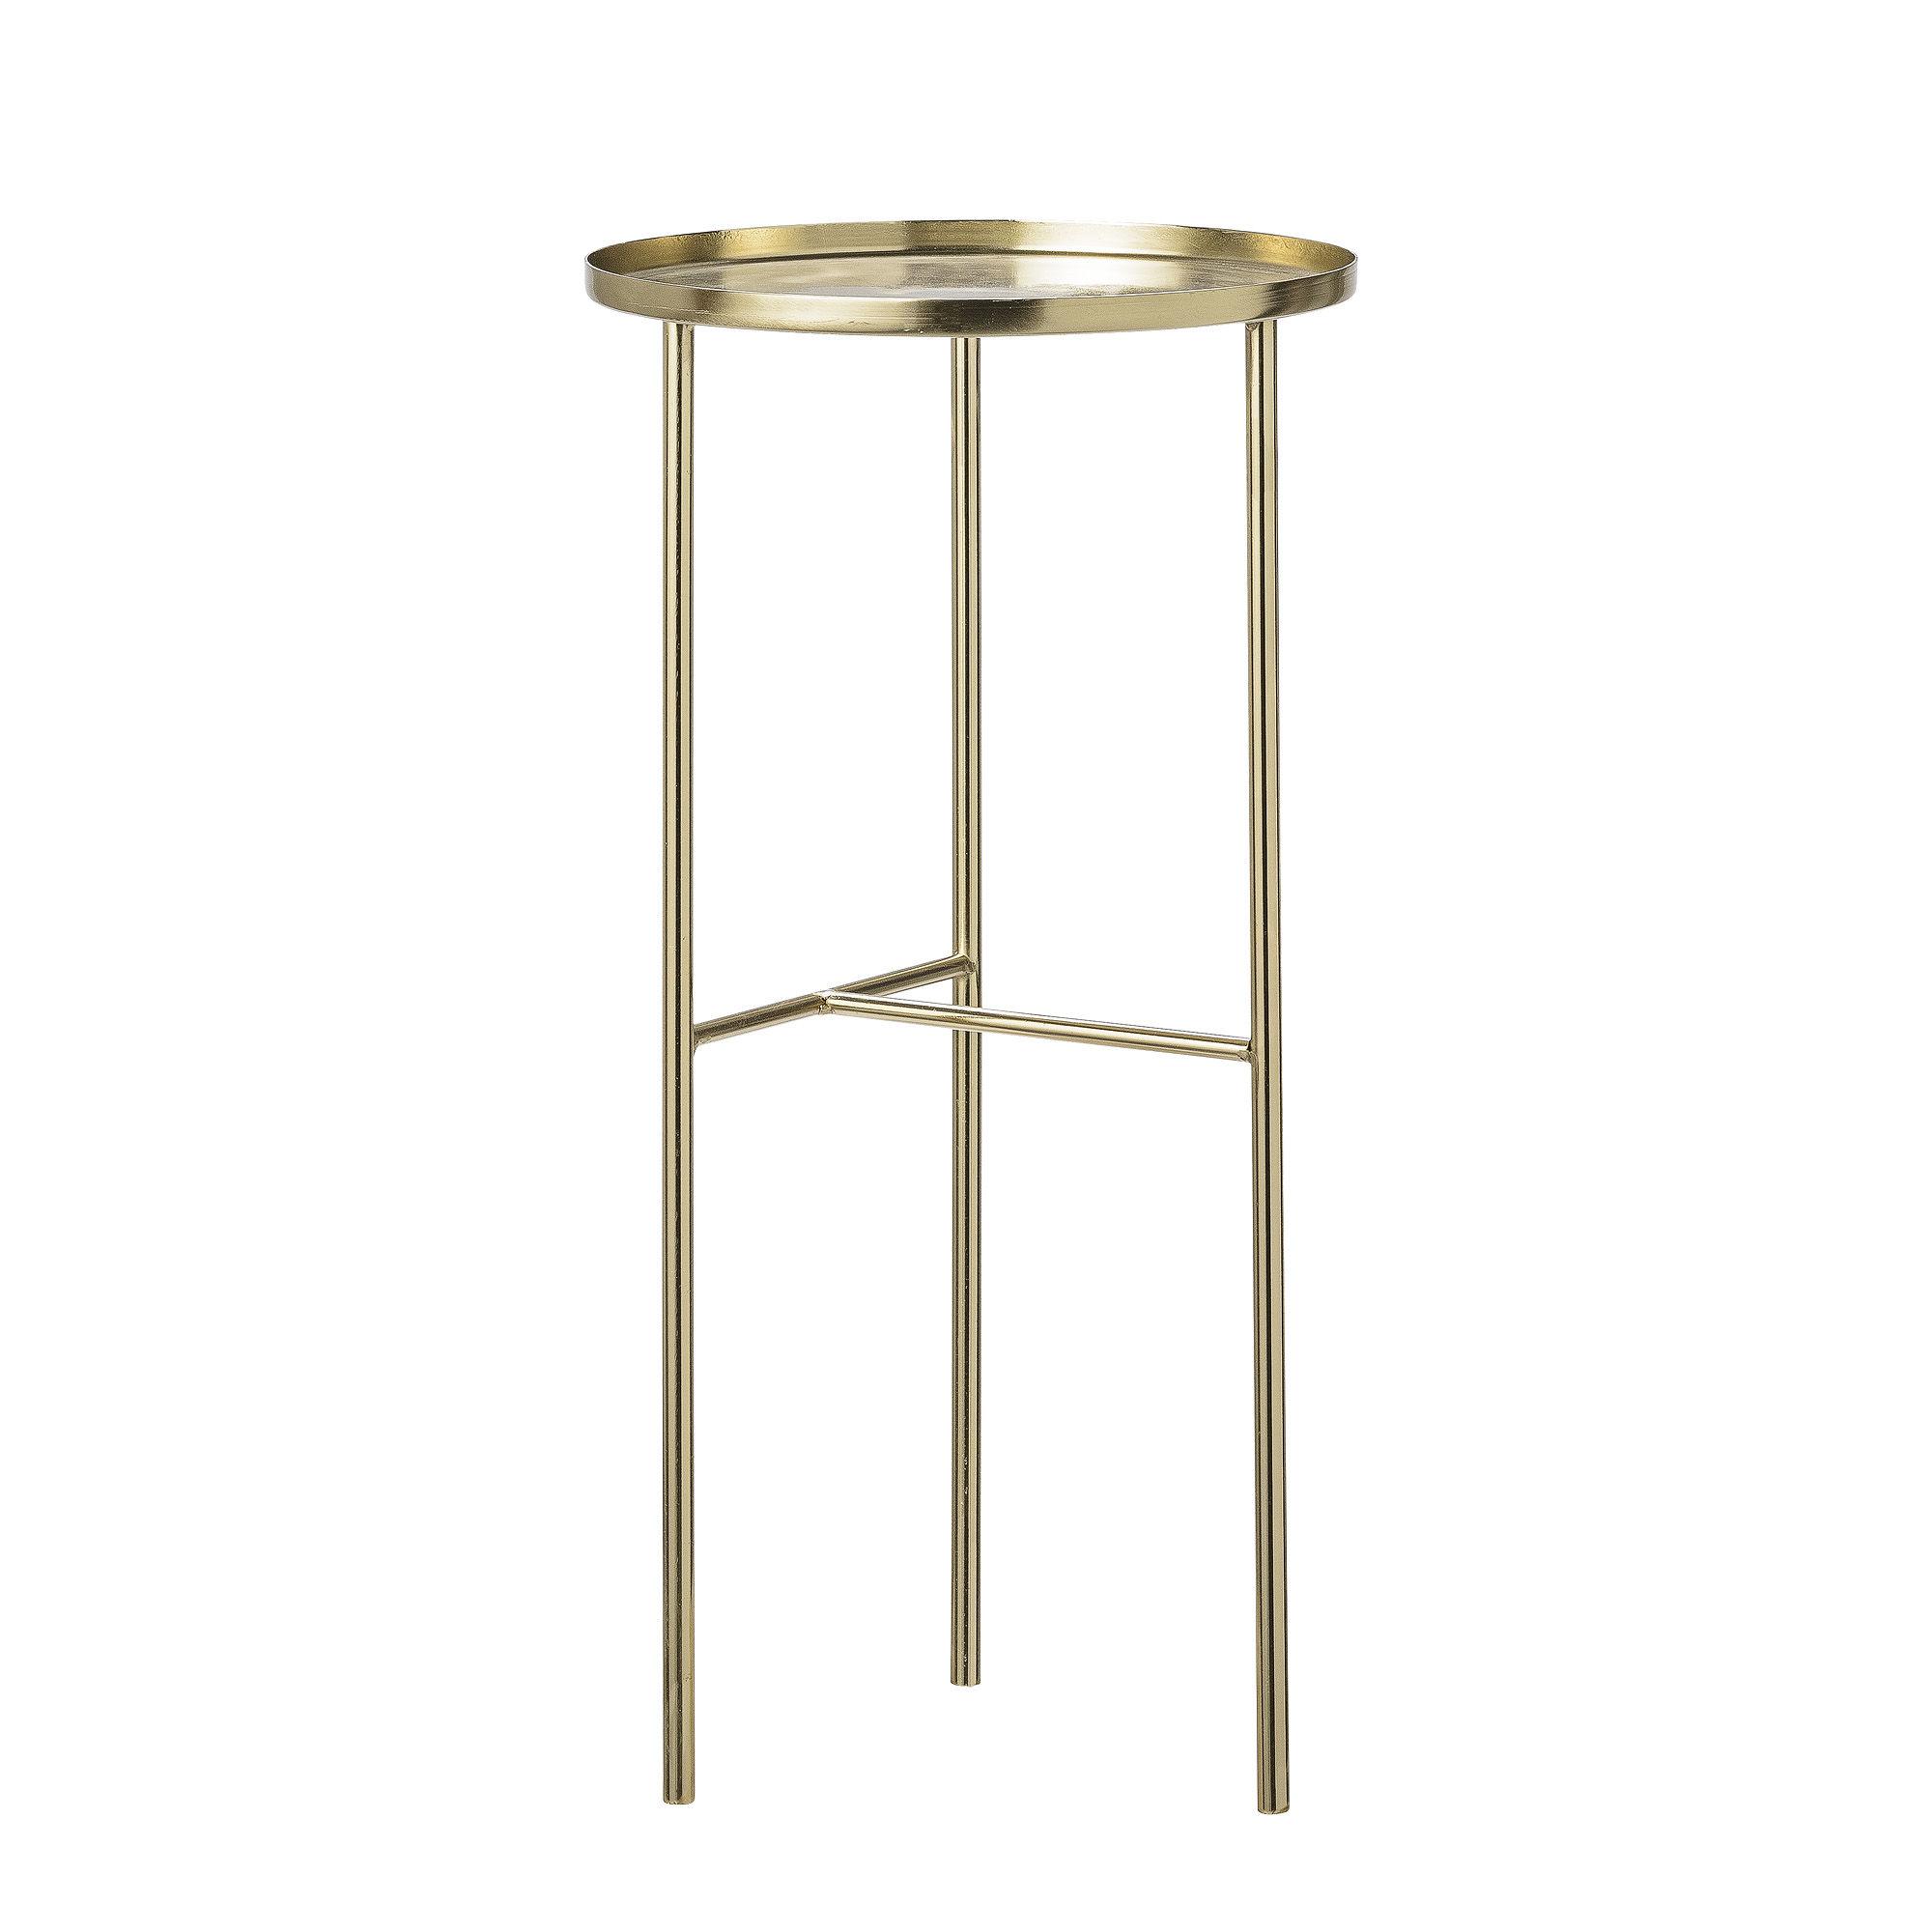 Arredamento - Tavolini  - Tavolino rotondo Pretty - / Supporto piante - Ø 30 x H 60 cm di Bloomingville - Or - Metallo placcato ottone